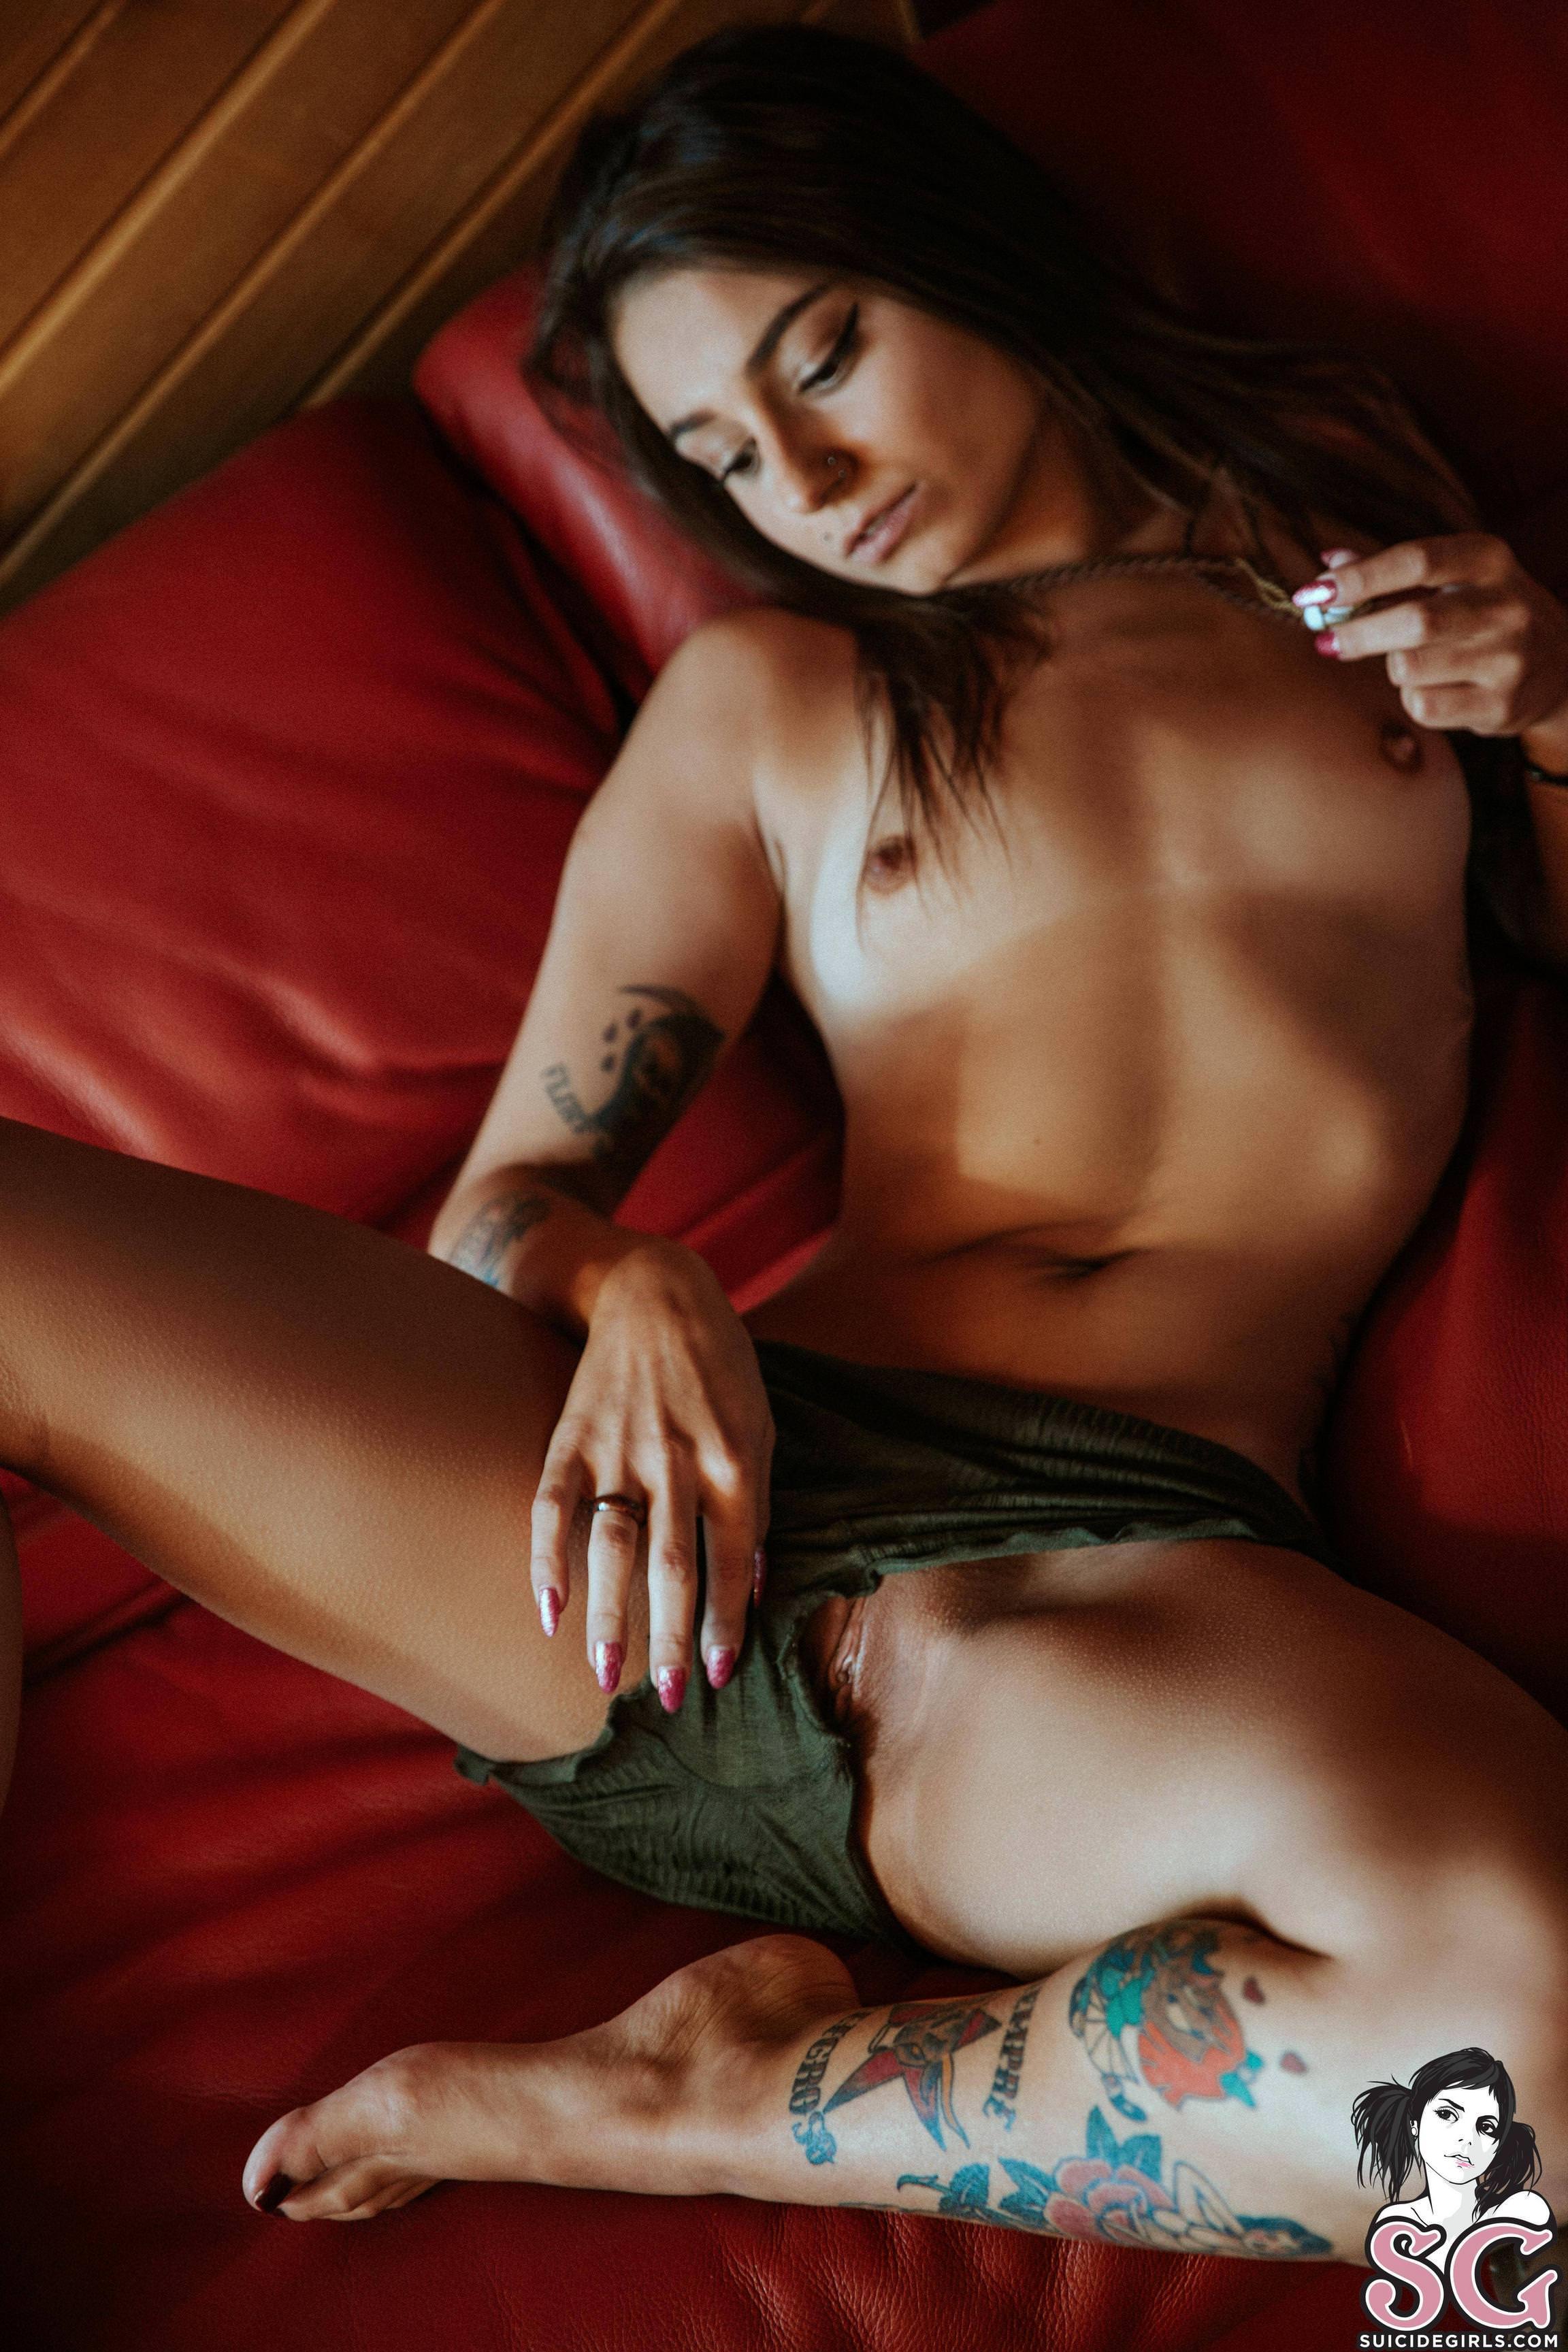 Catarina sg girl nackt